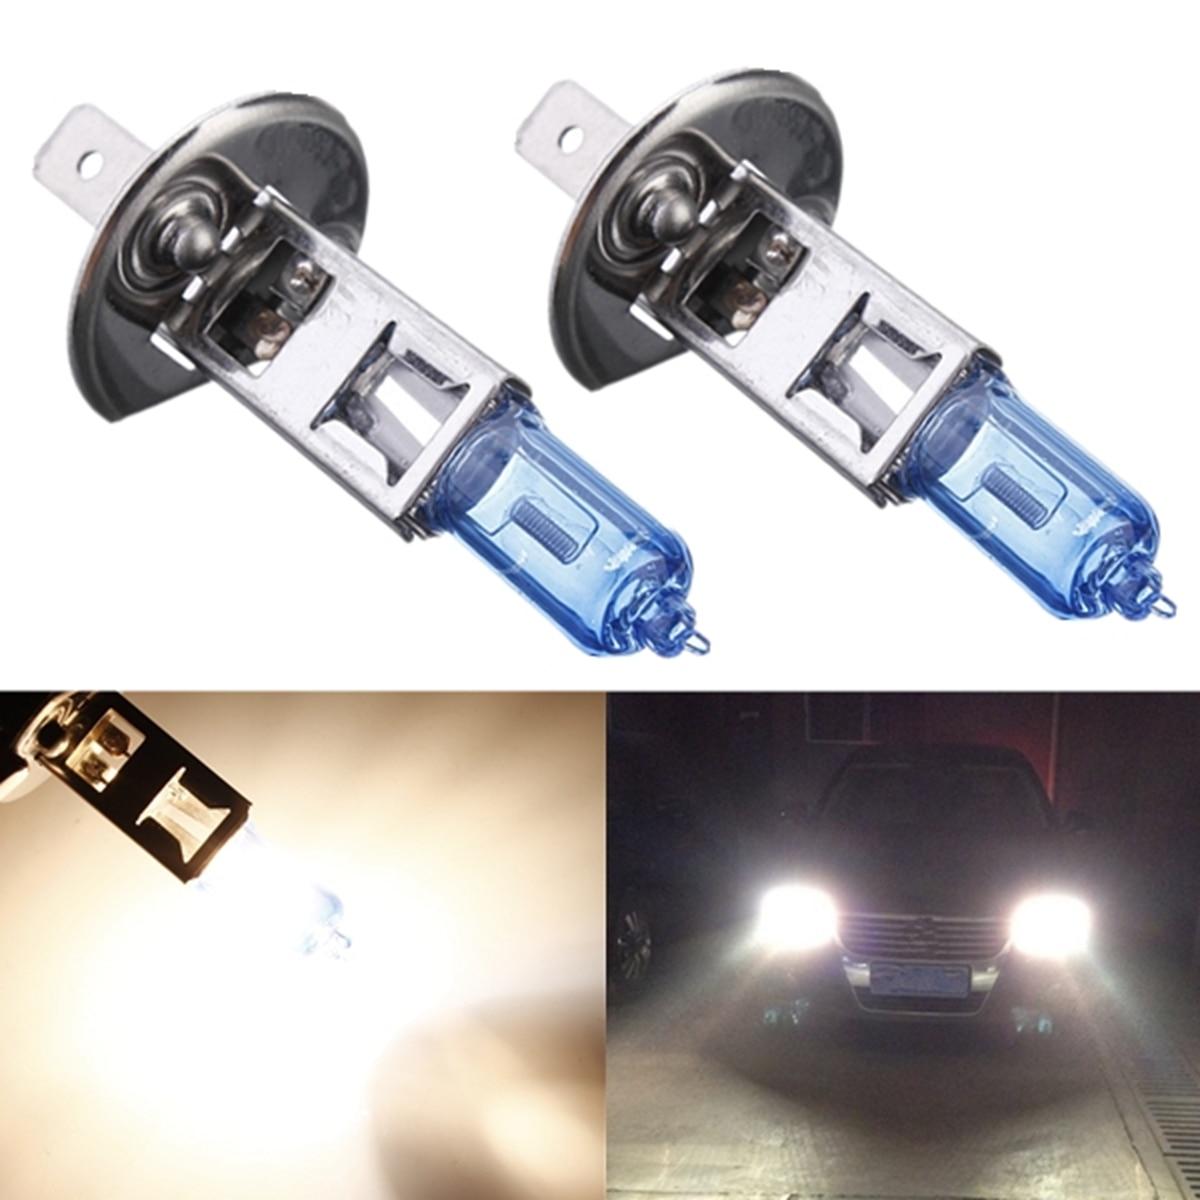 Подробнее о Qook 2pcs H1 55W Headlight Bulb Lamp Halogen Fog Lights Auto Car 12V Super White 5000K Car Styling 2pcs lot h1 55w xenon halogen super white 5000k auto car headlight bulb lamp fog lights 12v car styling universal